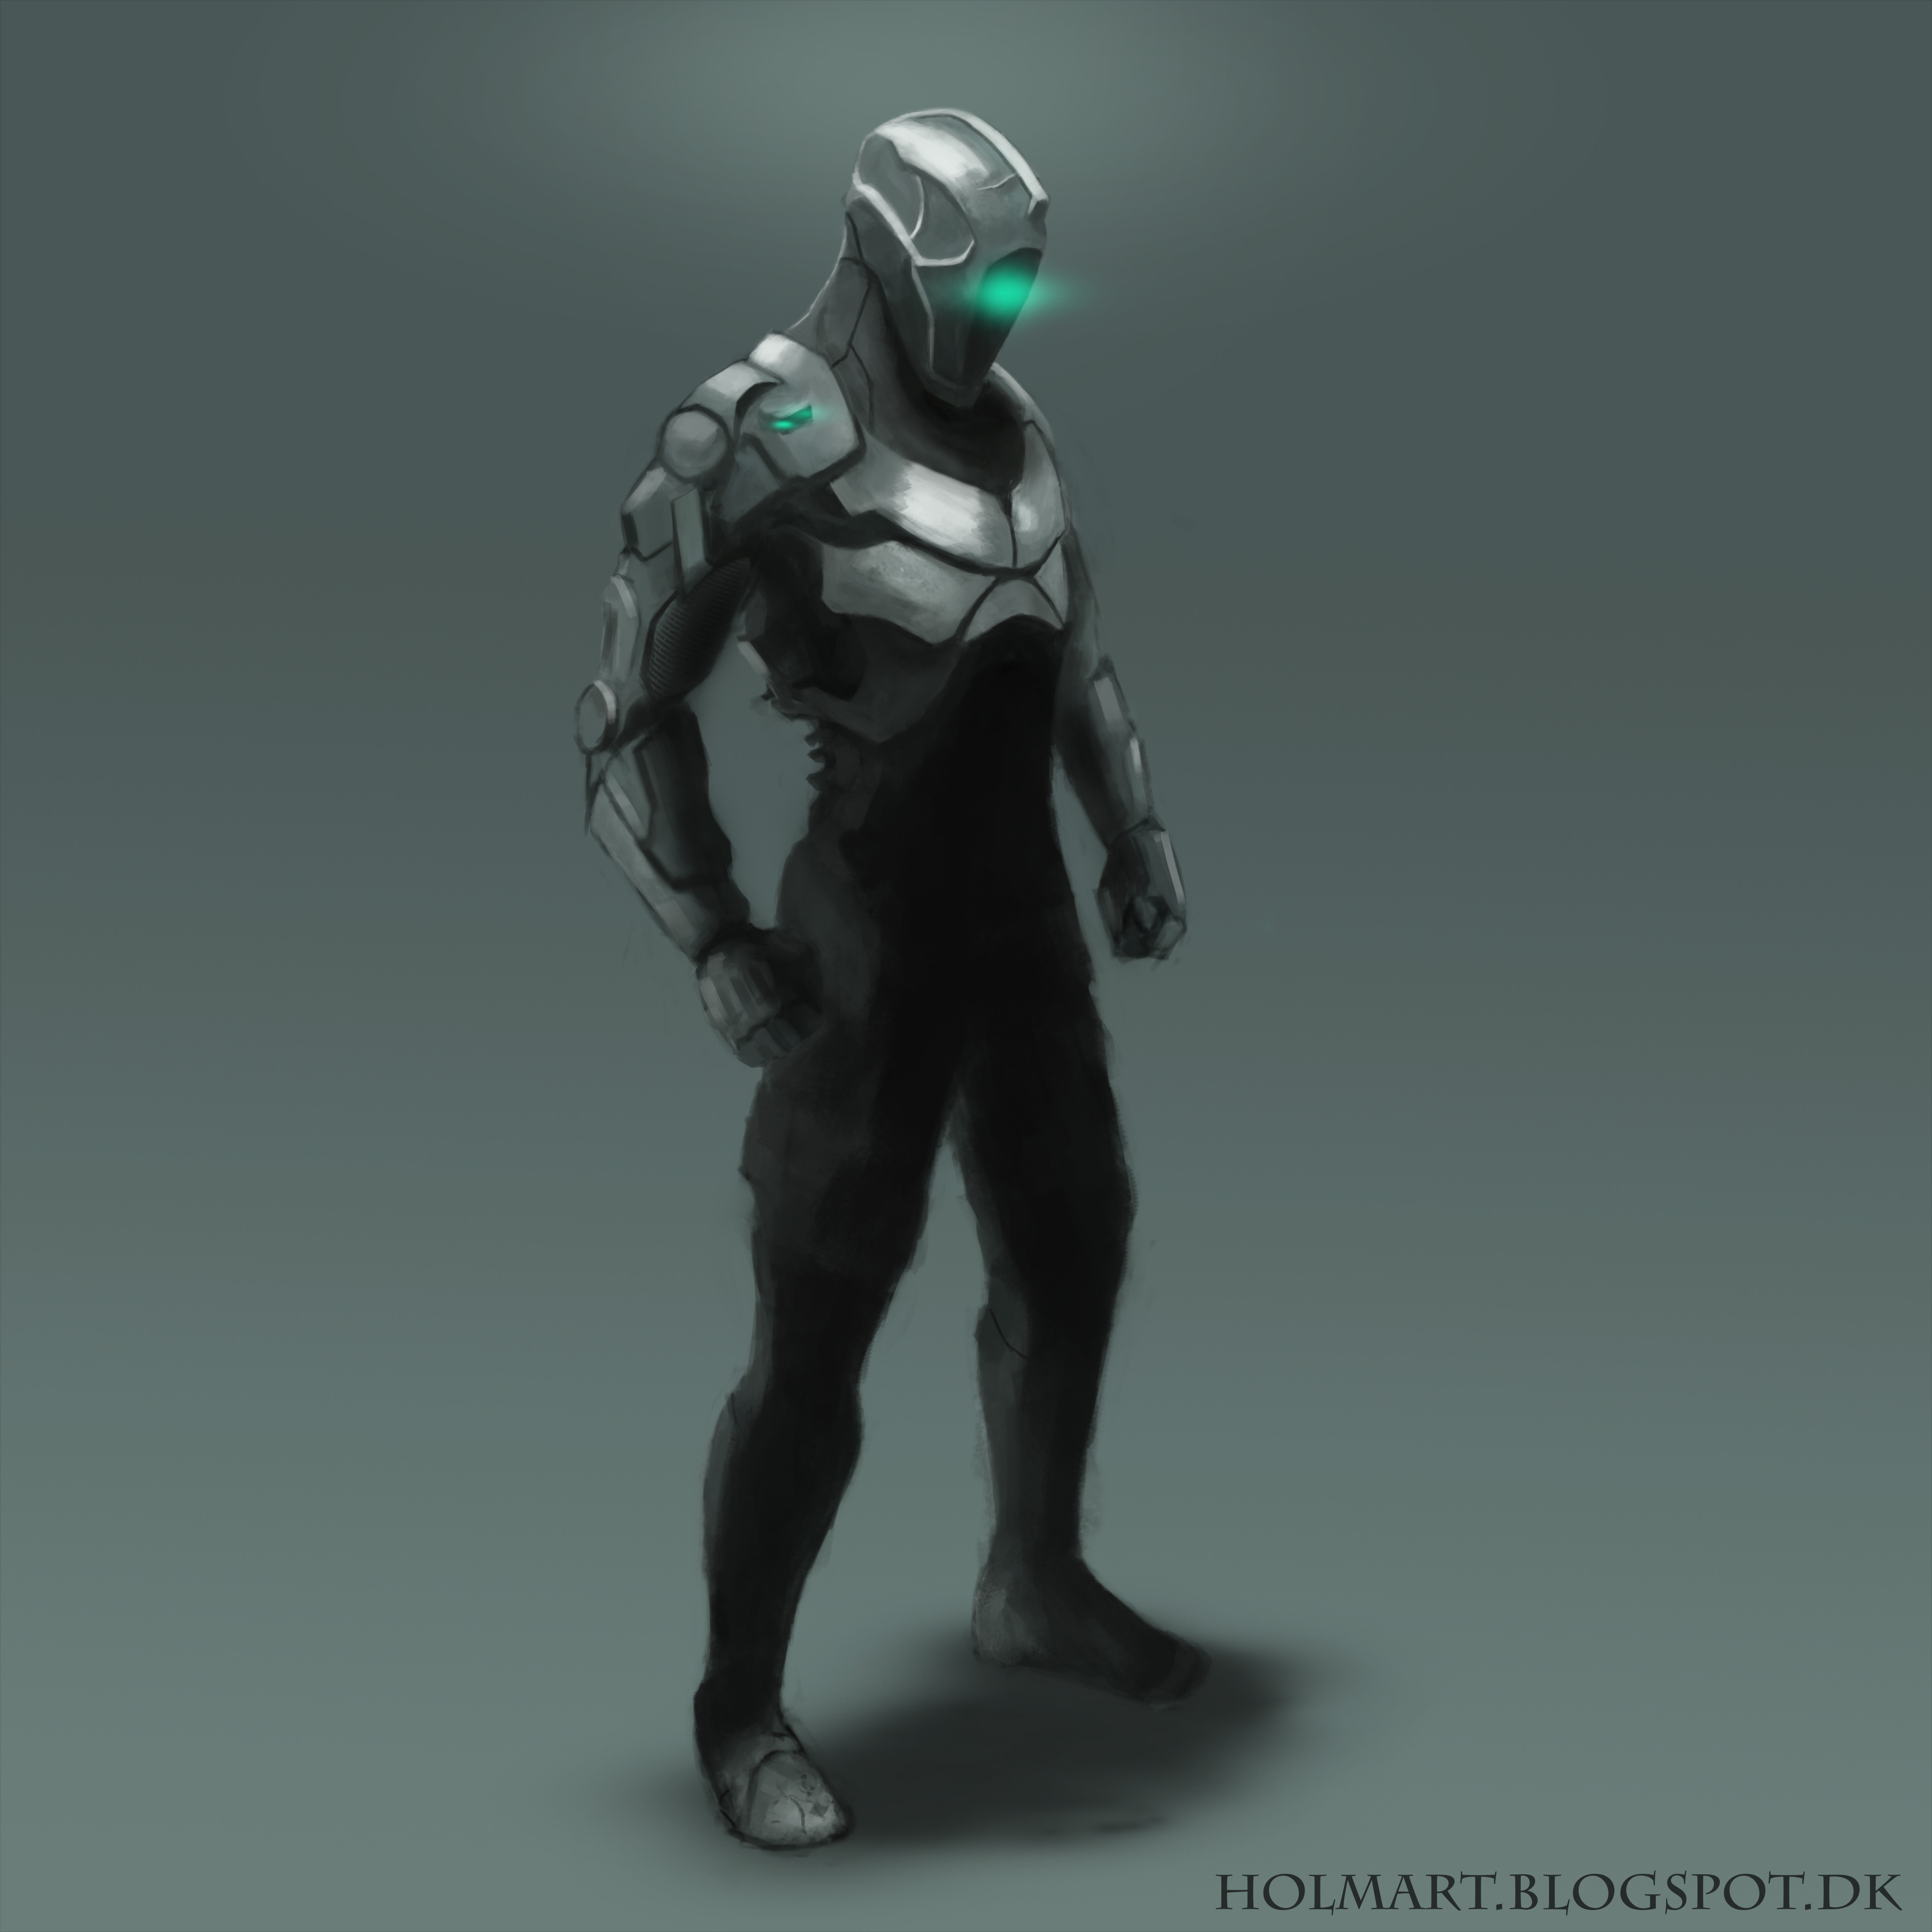 Sci-Fi suit